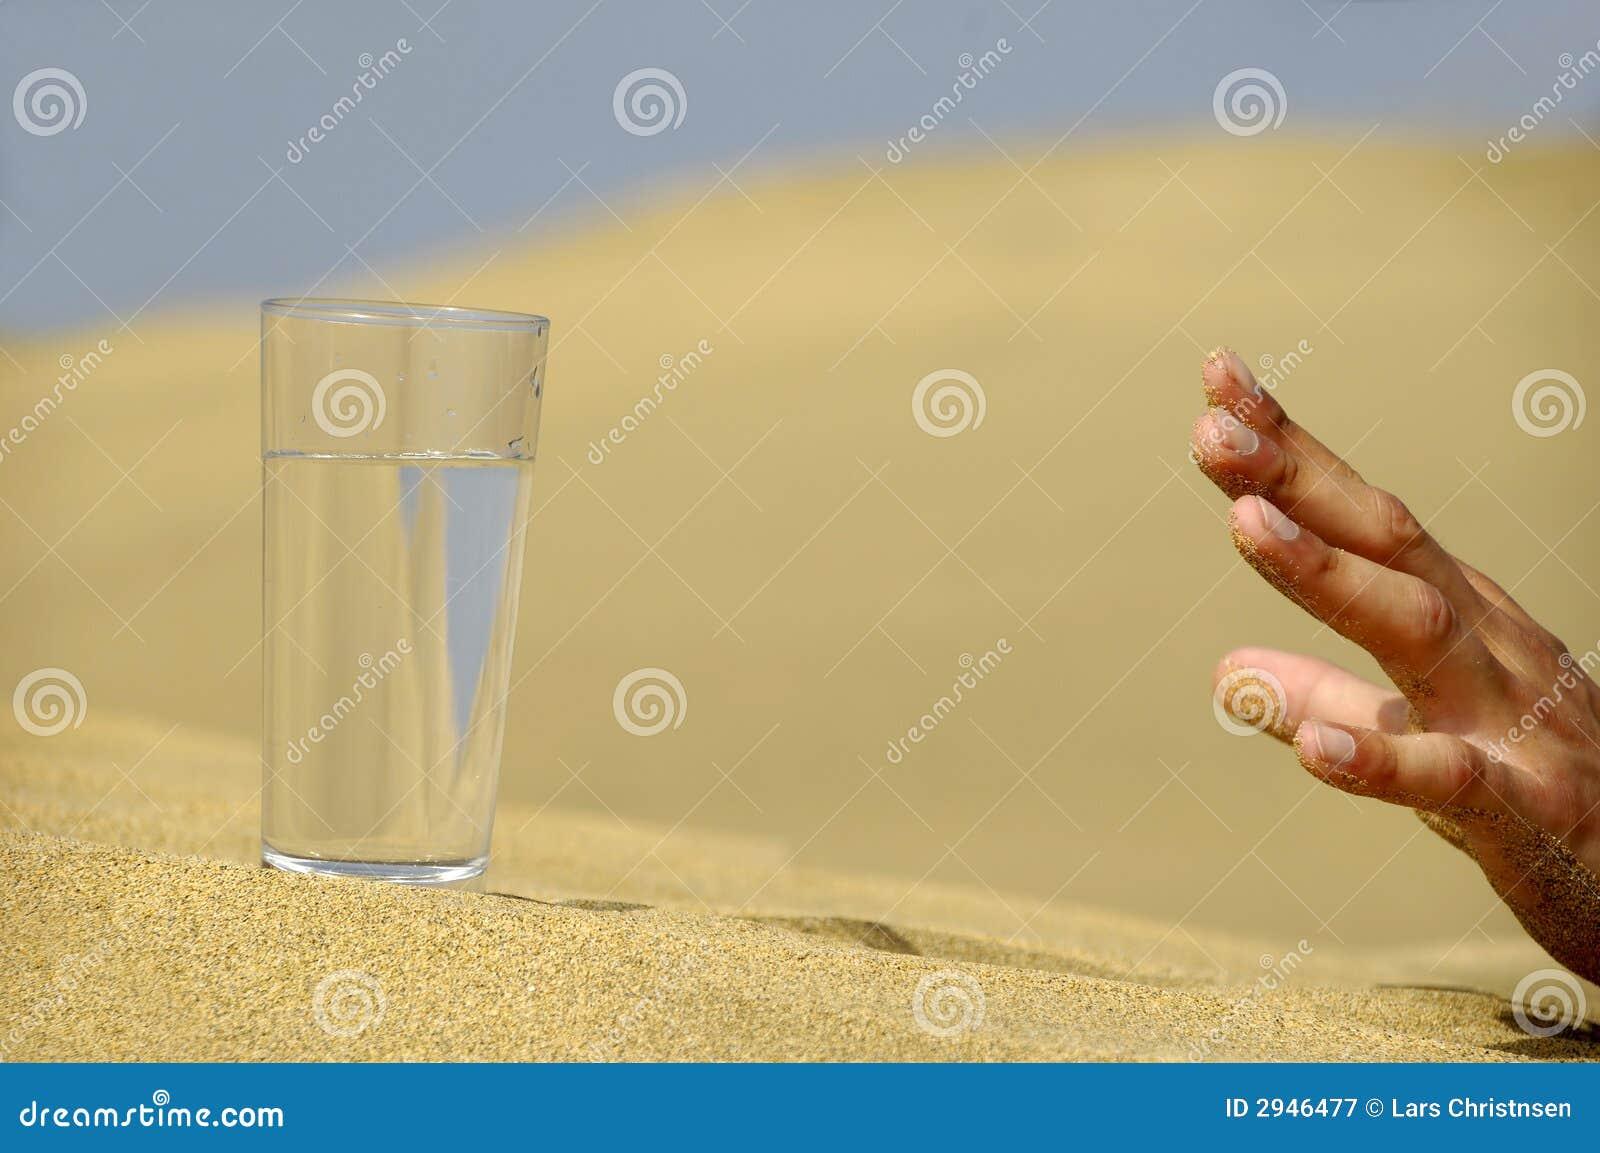 В трех районах Крыма питьевая вода стала соленой, - оккупационные власти - Цензор.НЕТ 5015